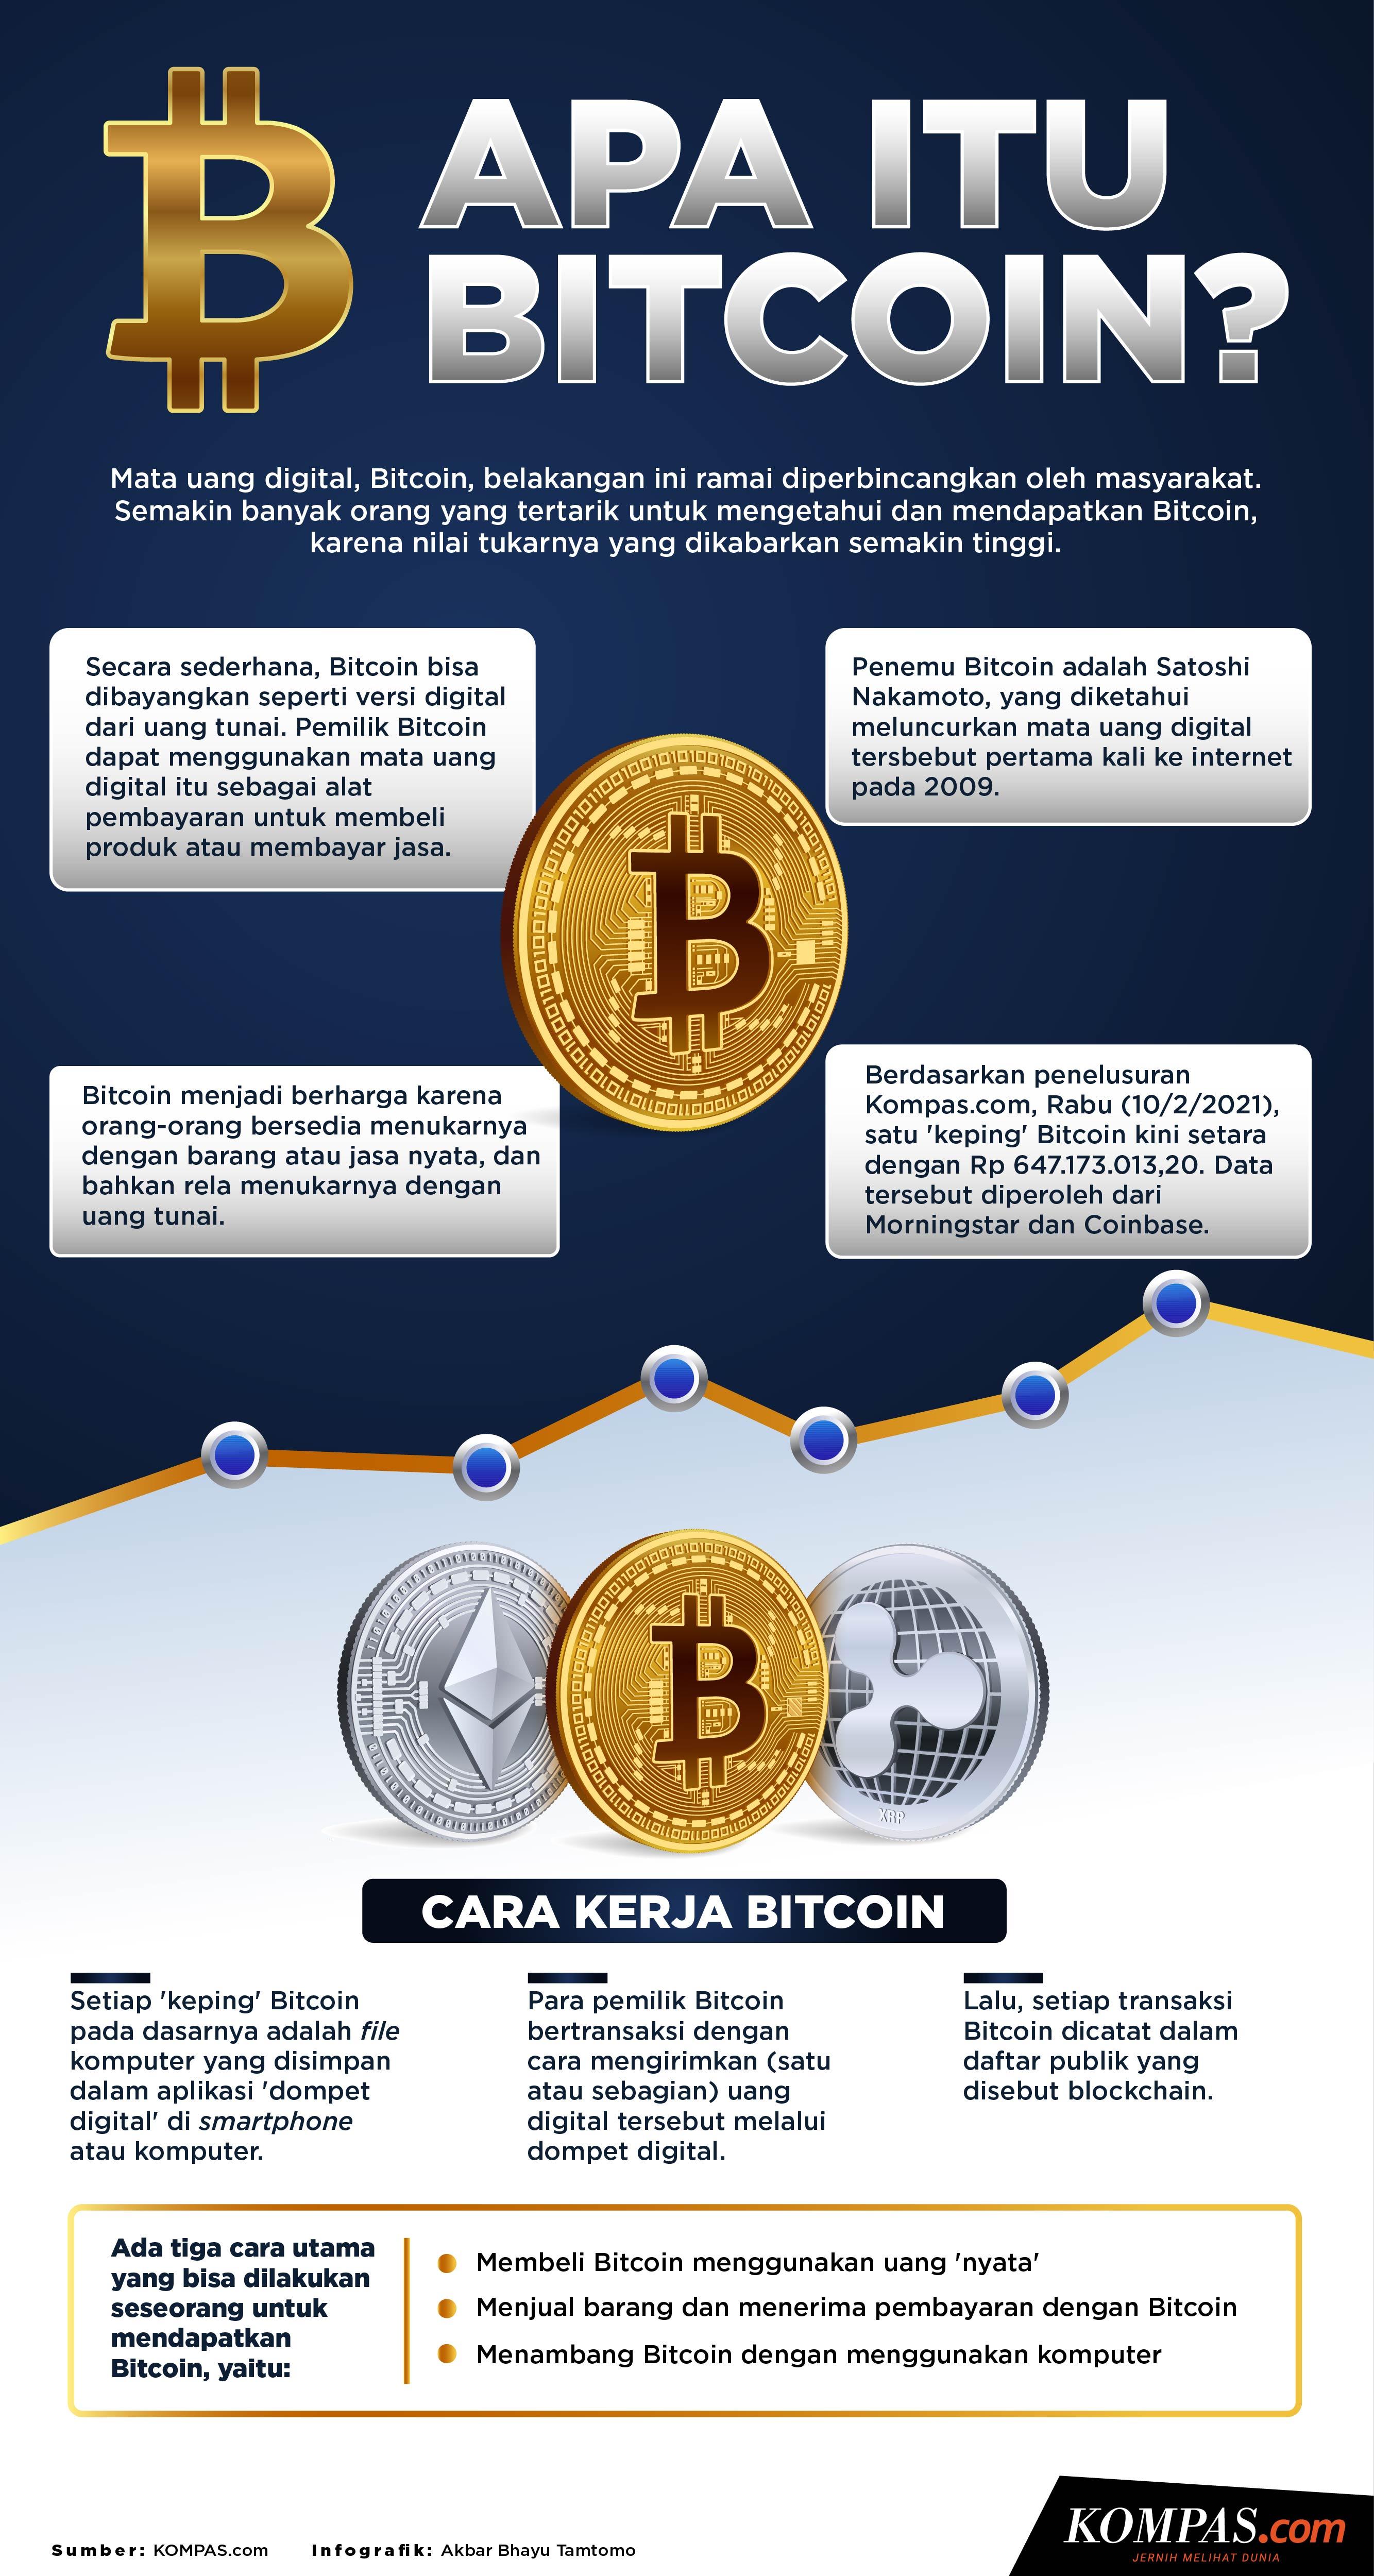 apa itu bitcoin malaysia